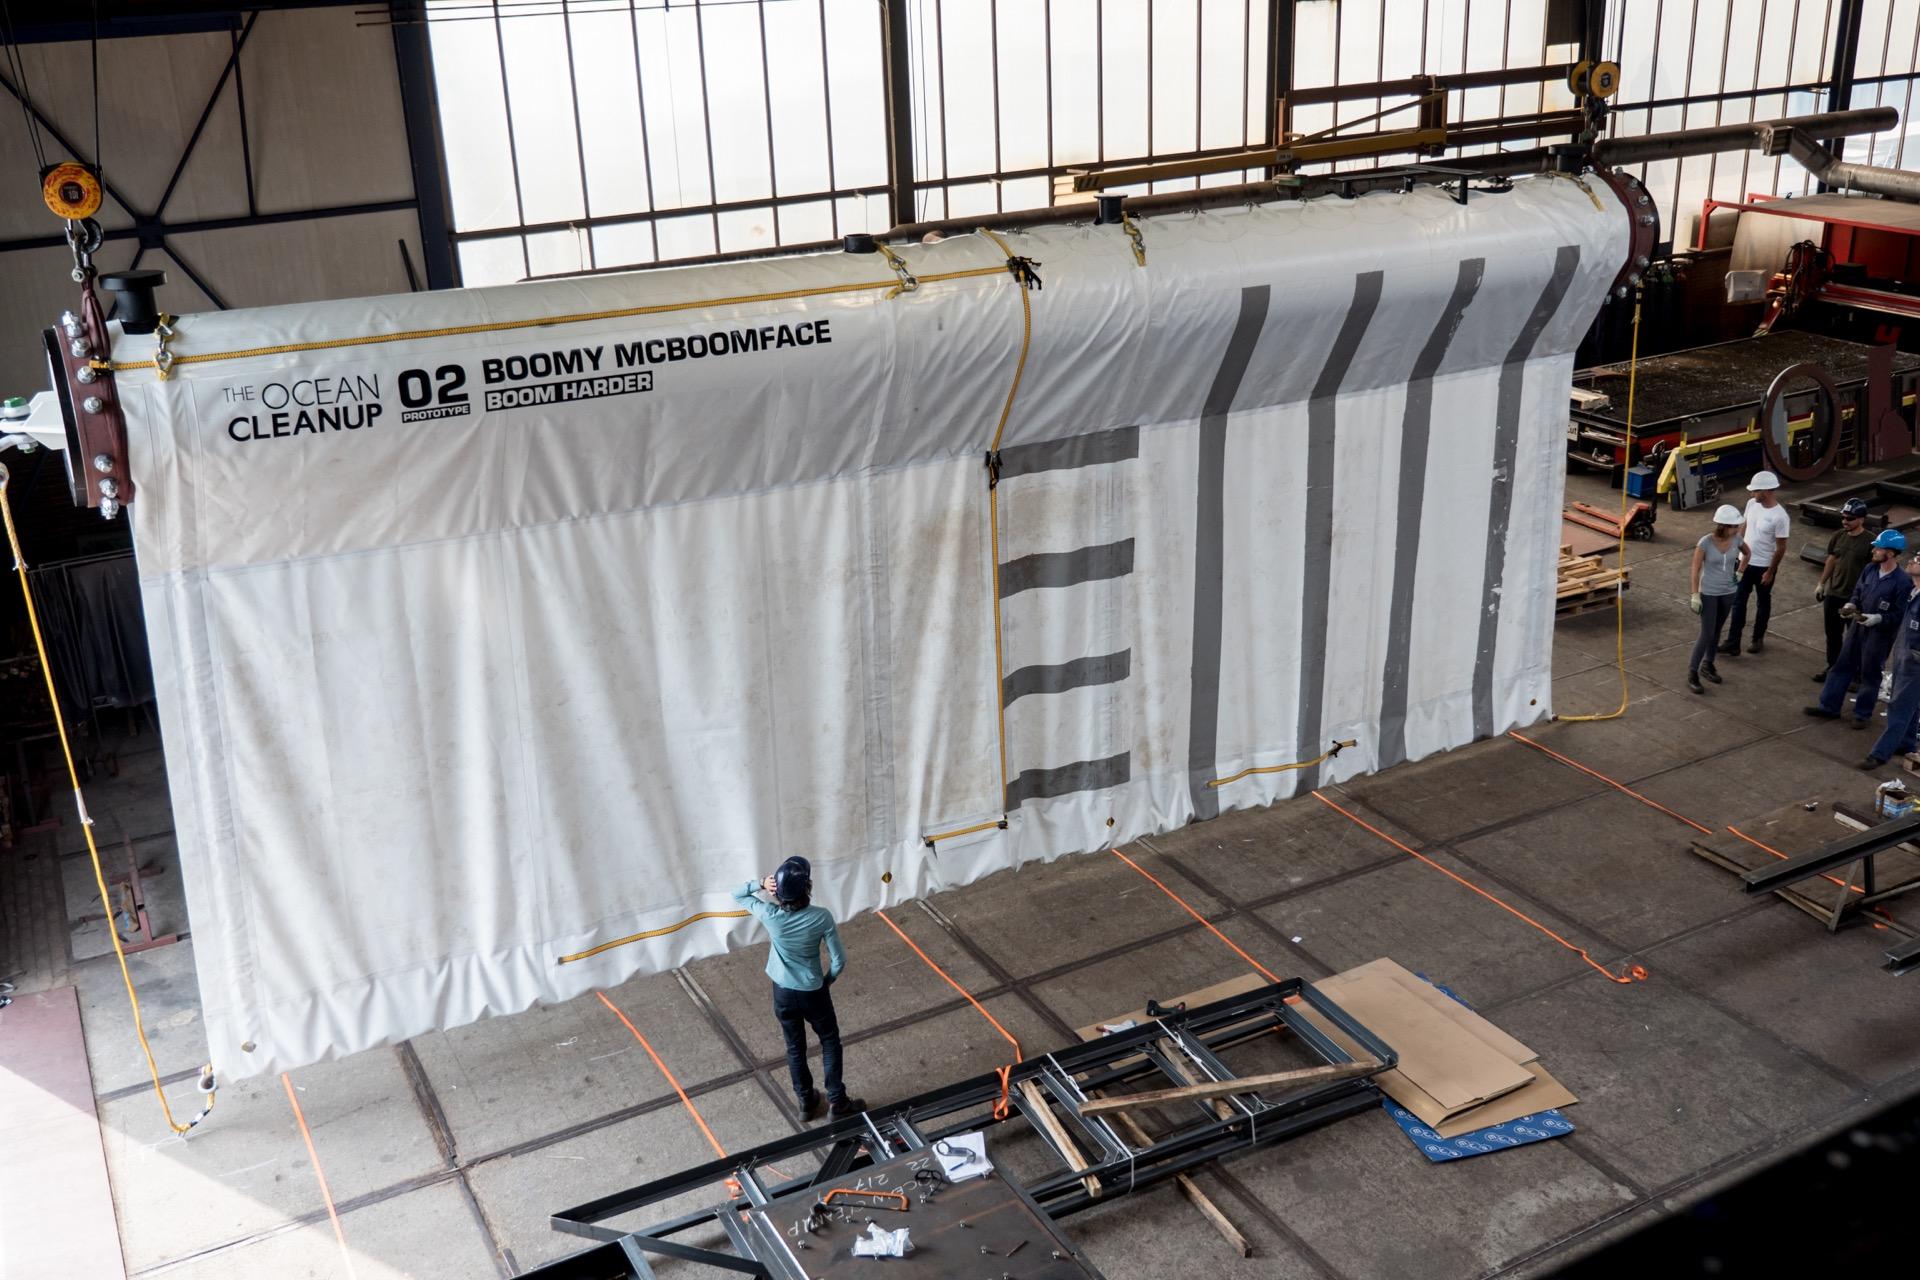 Prototyp der Barriere mit Vorhang